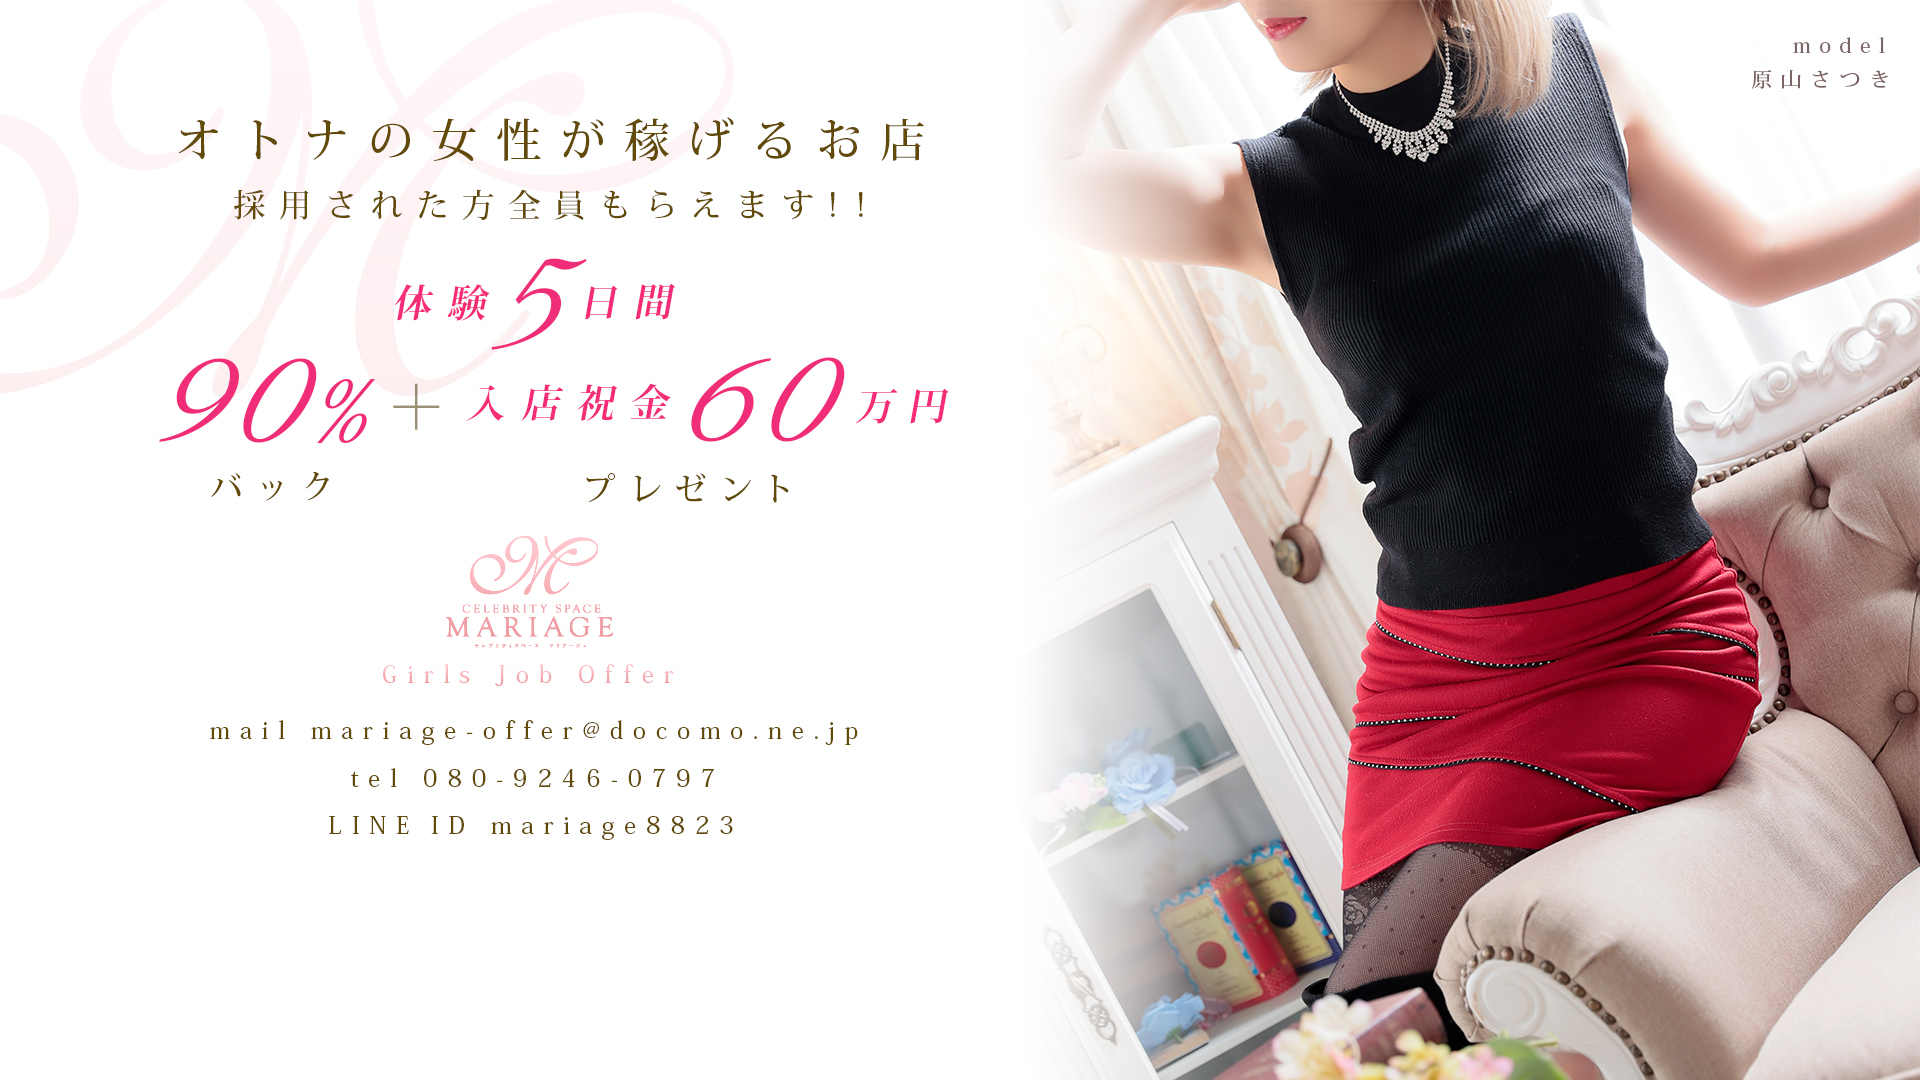 中洲風俗 ソープランド【マリアージュ - MARIAGE -】オトナの女性が稼げるお店。体験入店5日間+入店祝金プレゼント